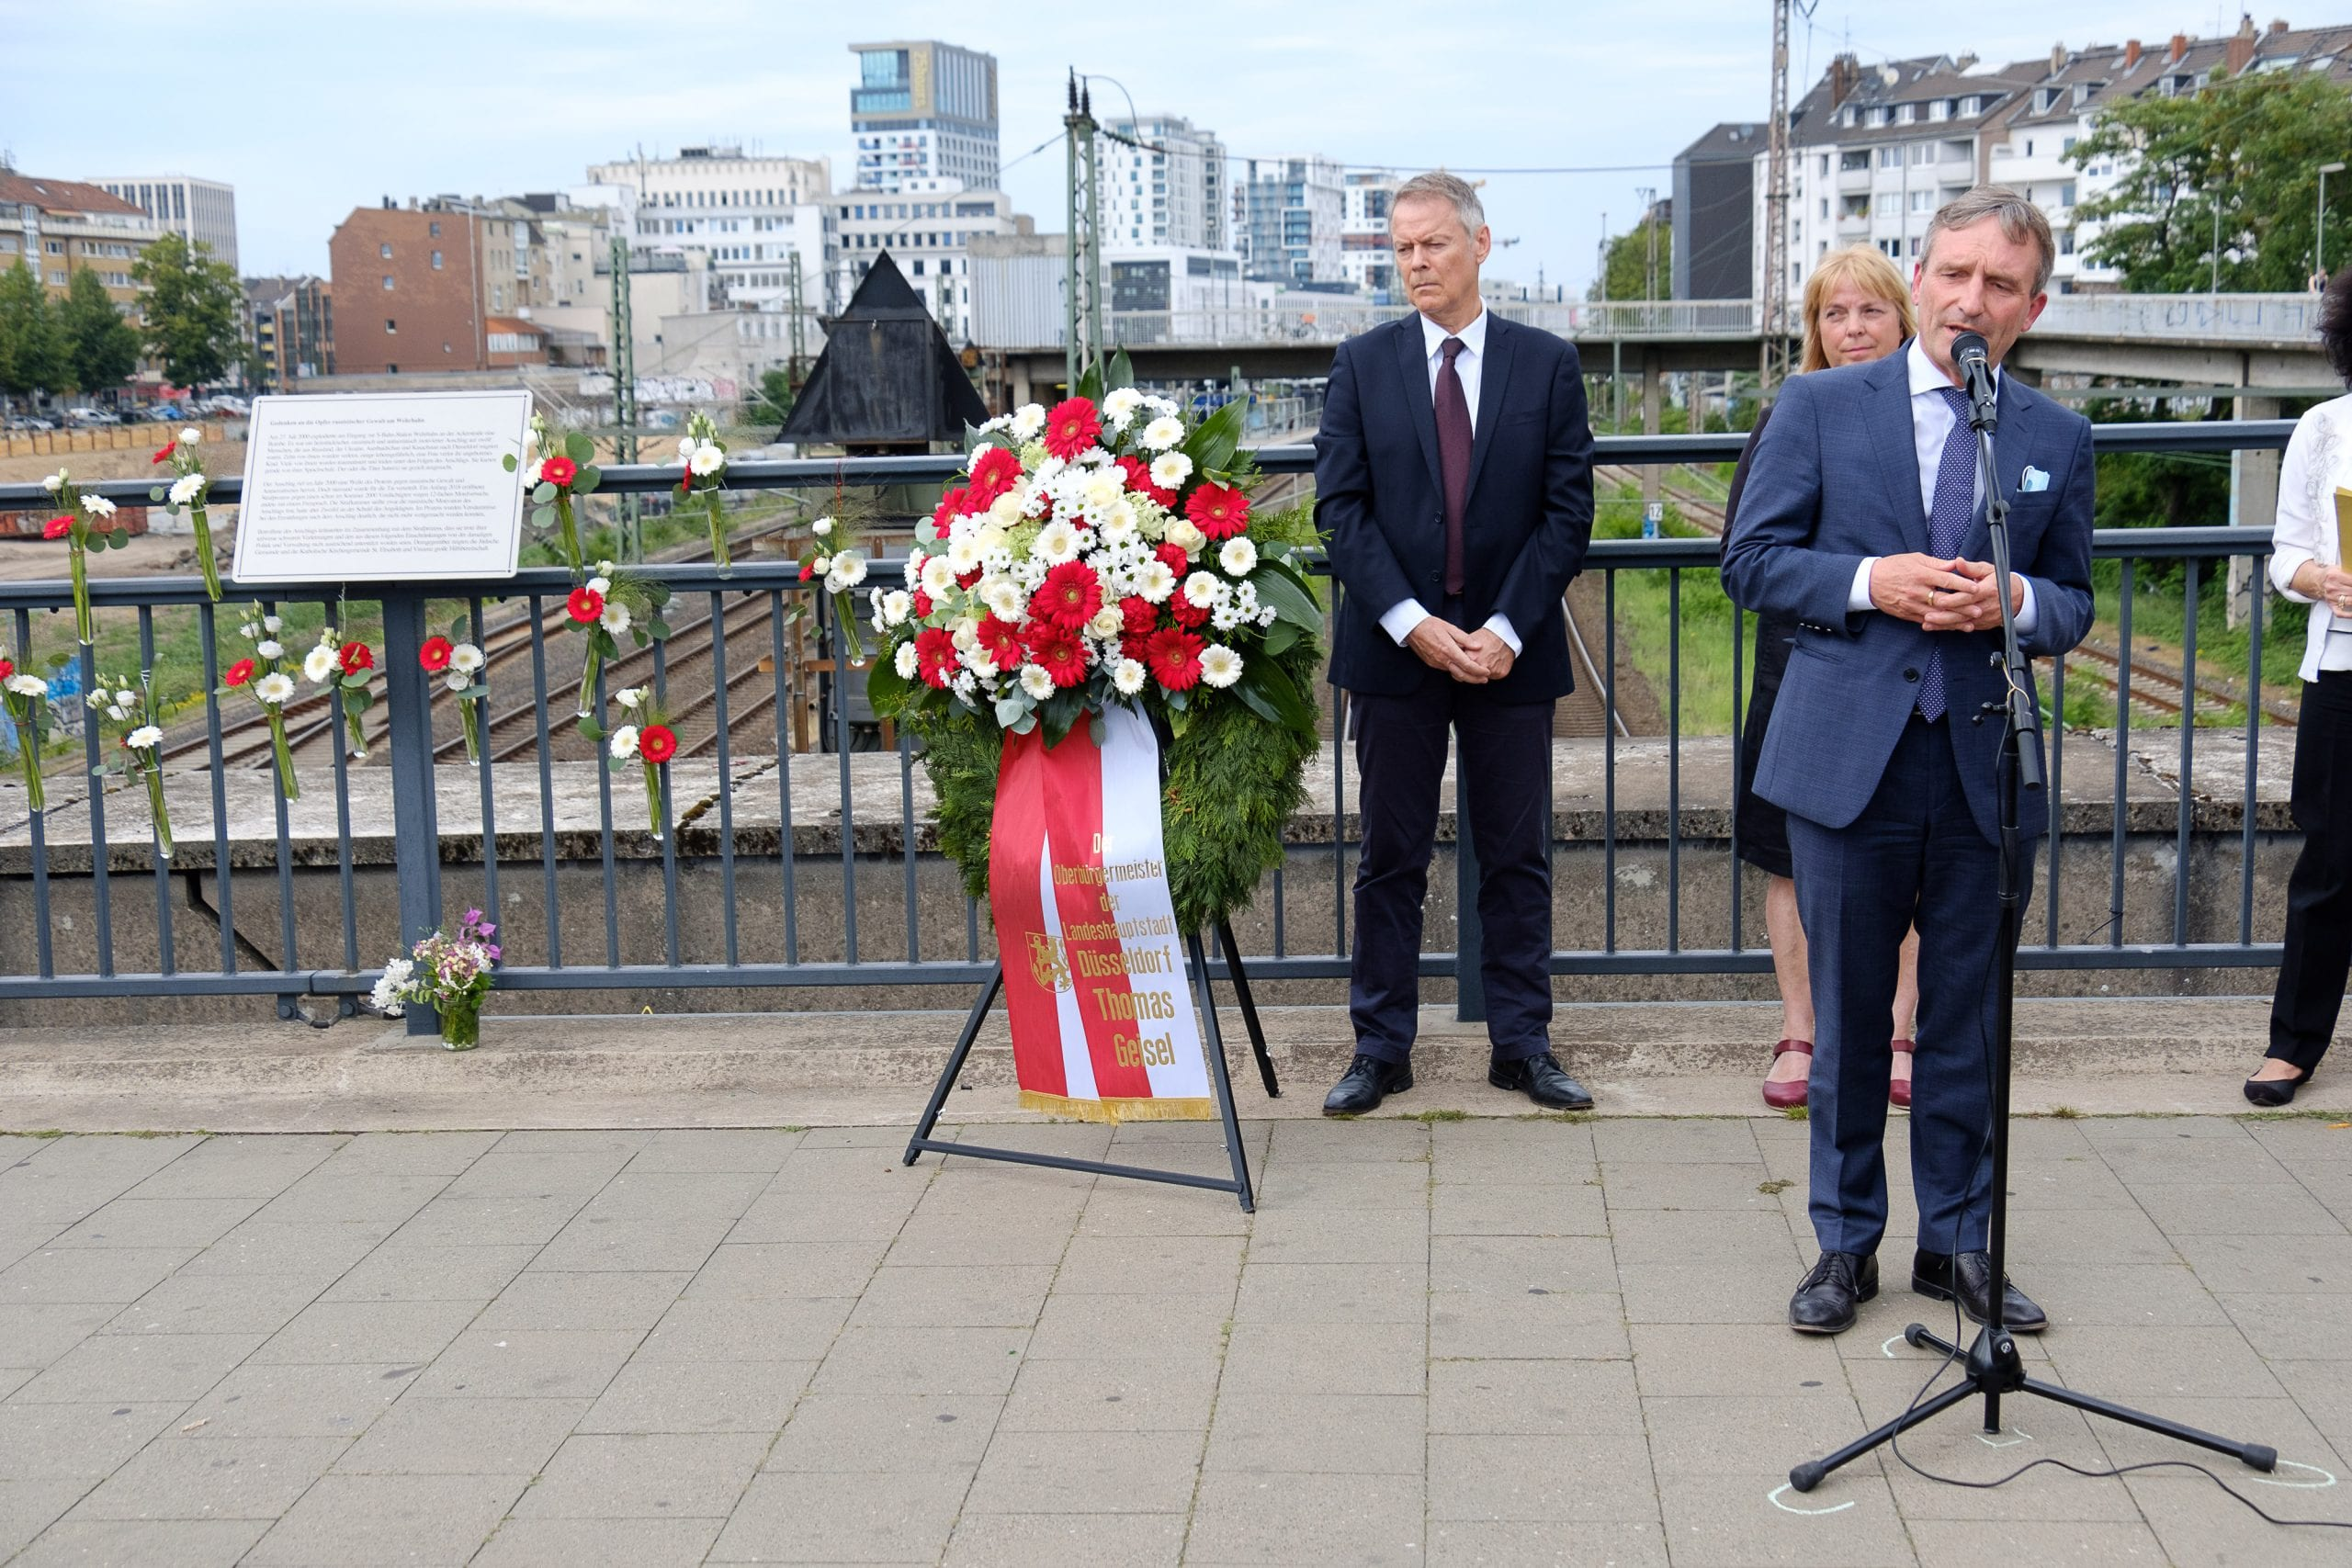 Gedenken an den Wehrhahn-Anschlag vor 20 Jahren